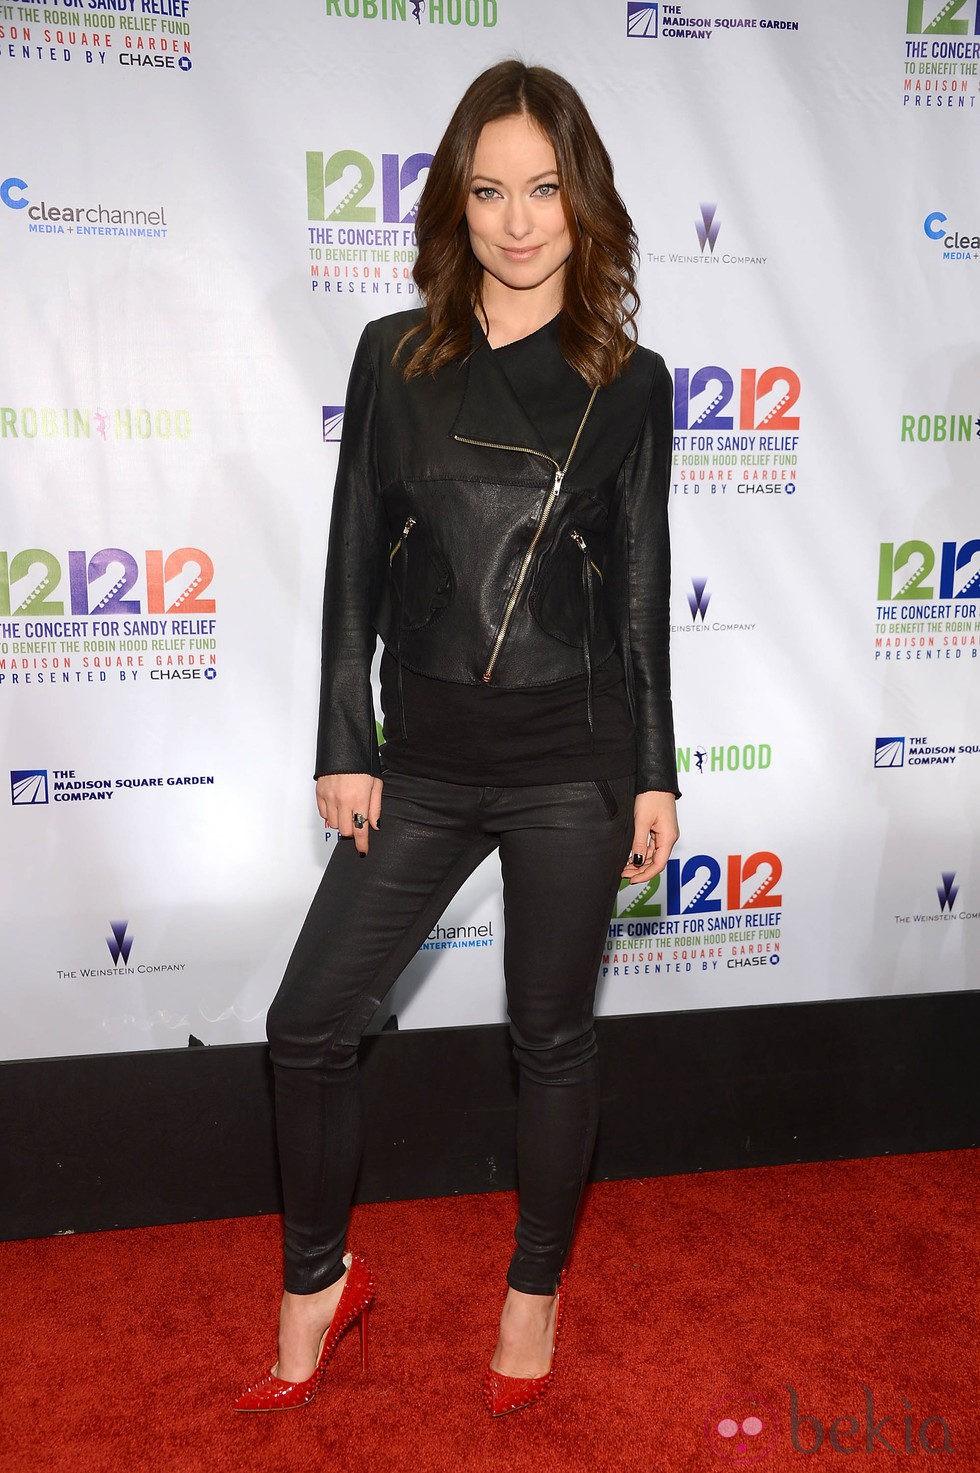 Olivia Wilde en el concierto a favor de las víctimas del huracán Sandy